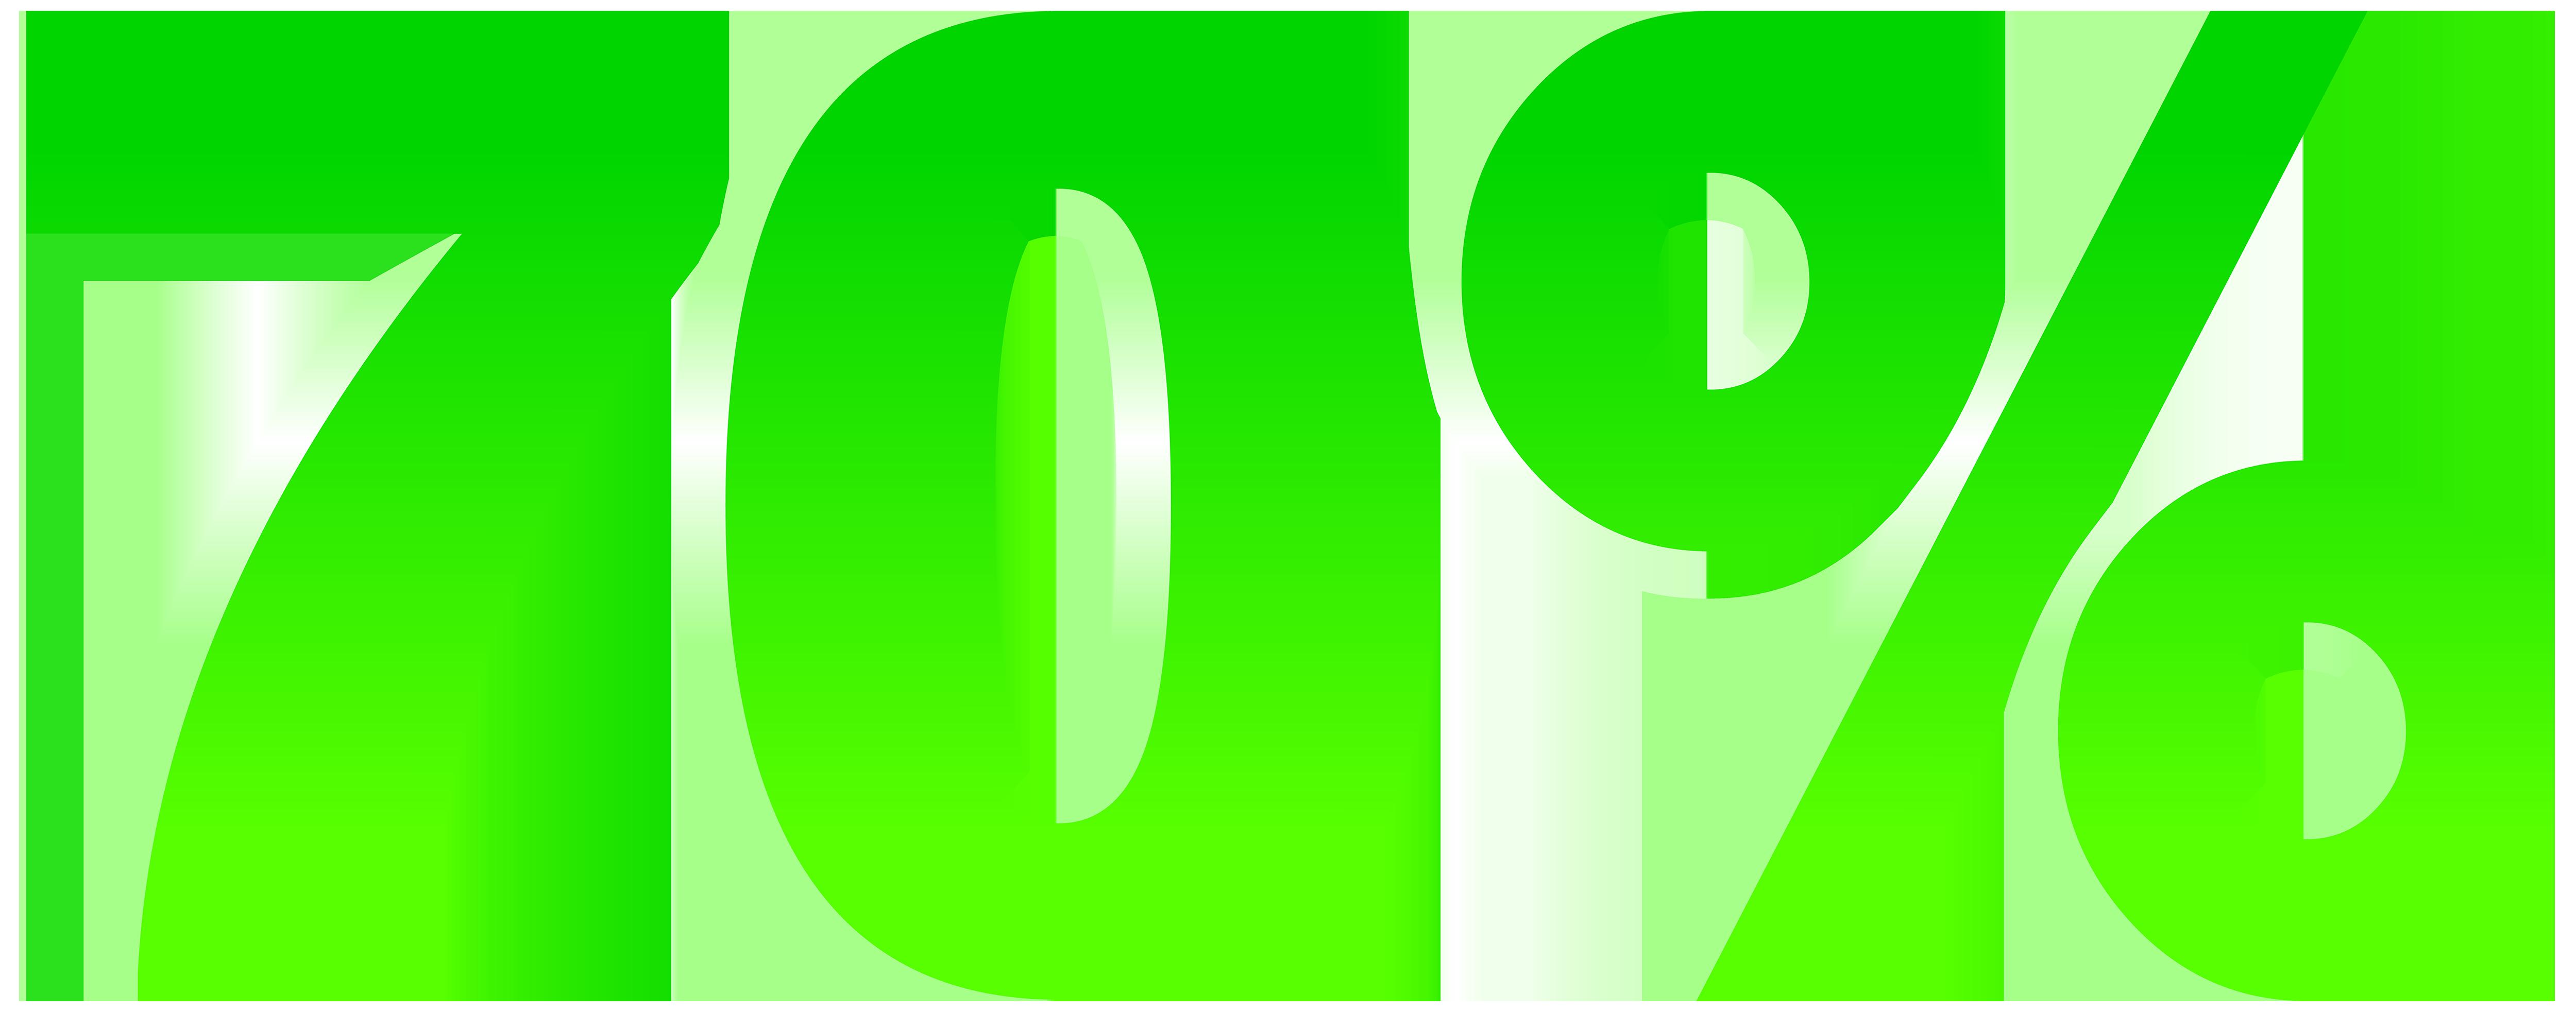 70 Off Sale Transparent PNG Clip Art Image.